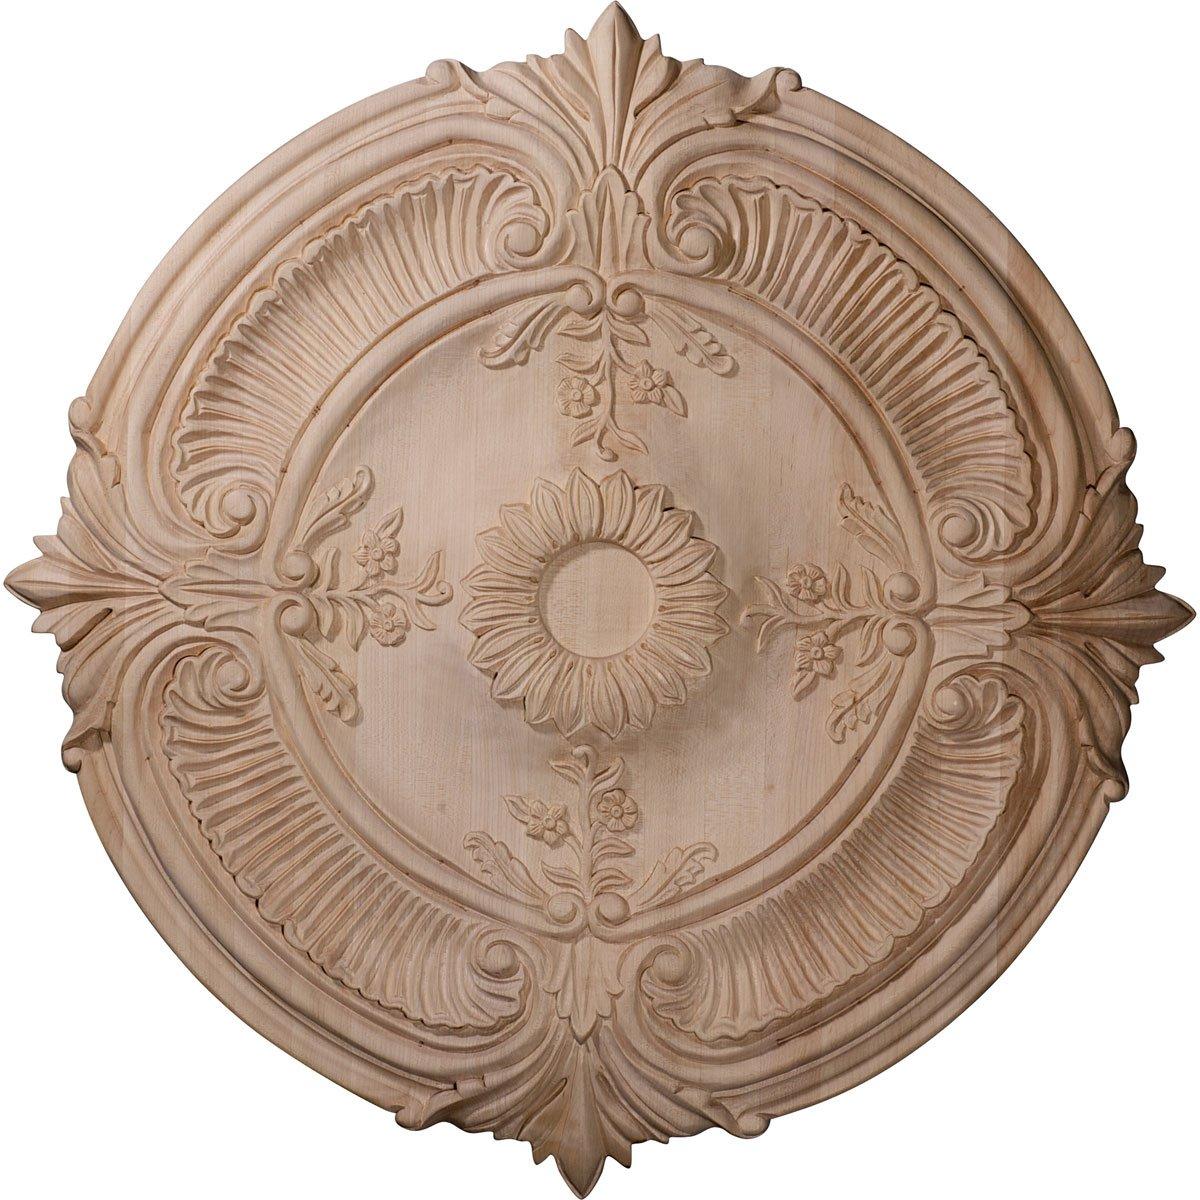 Ekena Millwork CMW24ACRO 24-Inch OD x 2 1/4-Inch P Carved Acanthus Leaf Ceiling Medallion, Red Oak by Ekena Millwork